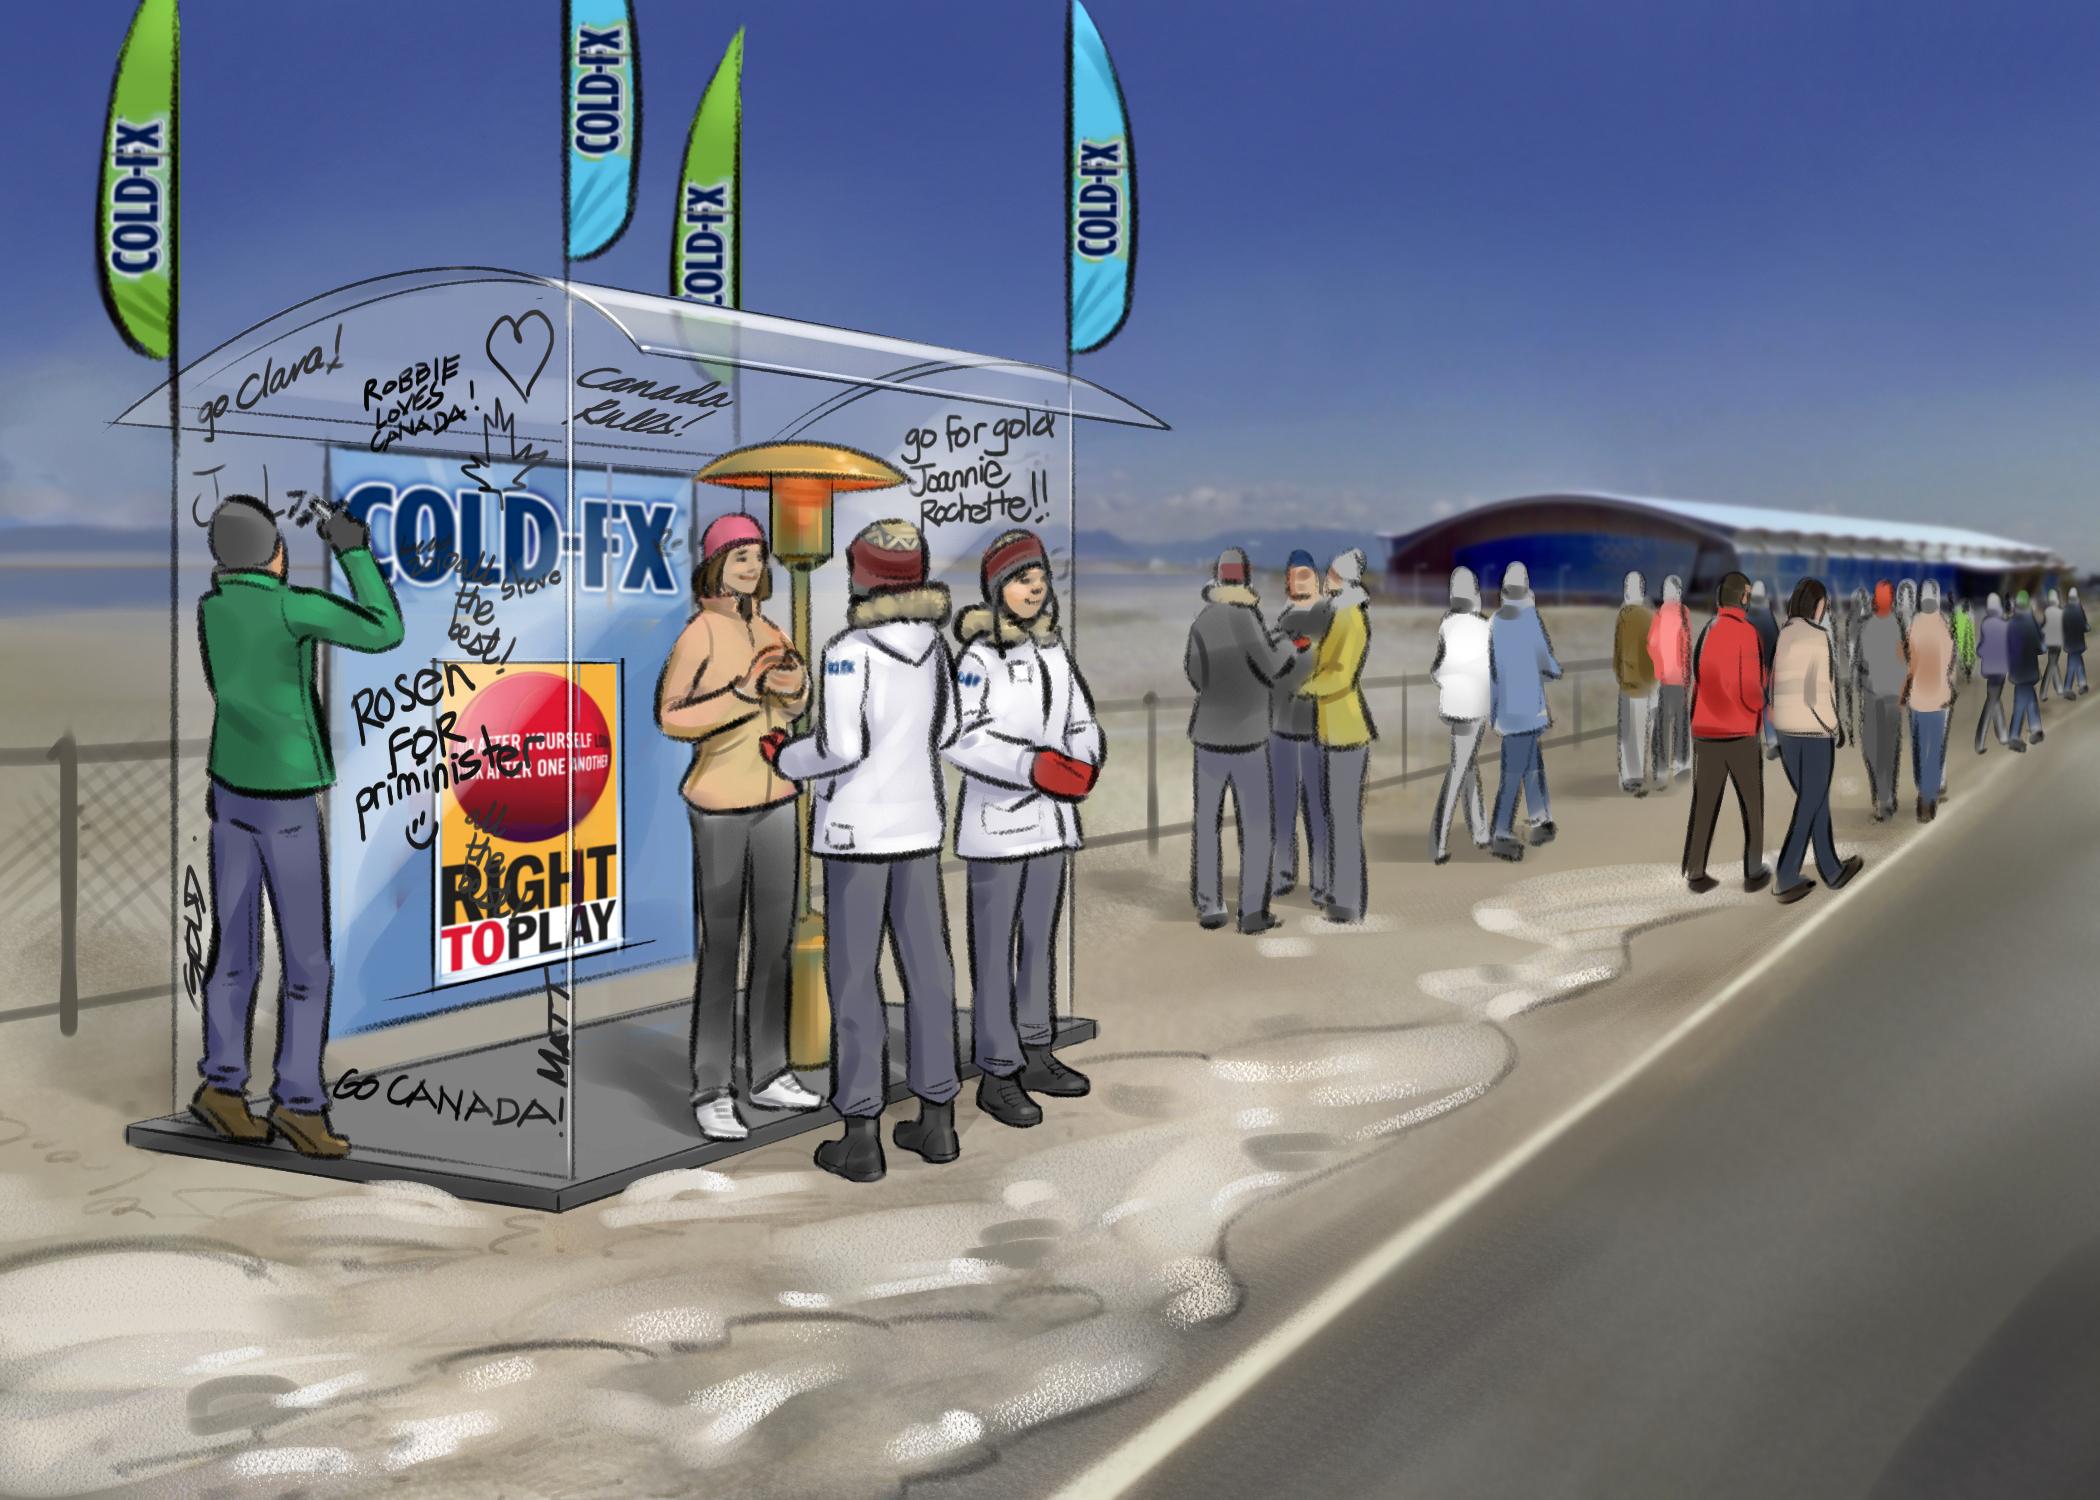 coldFx02final.jpg